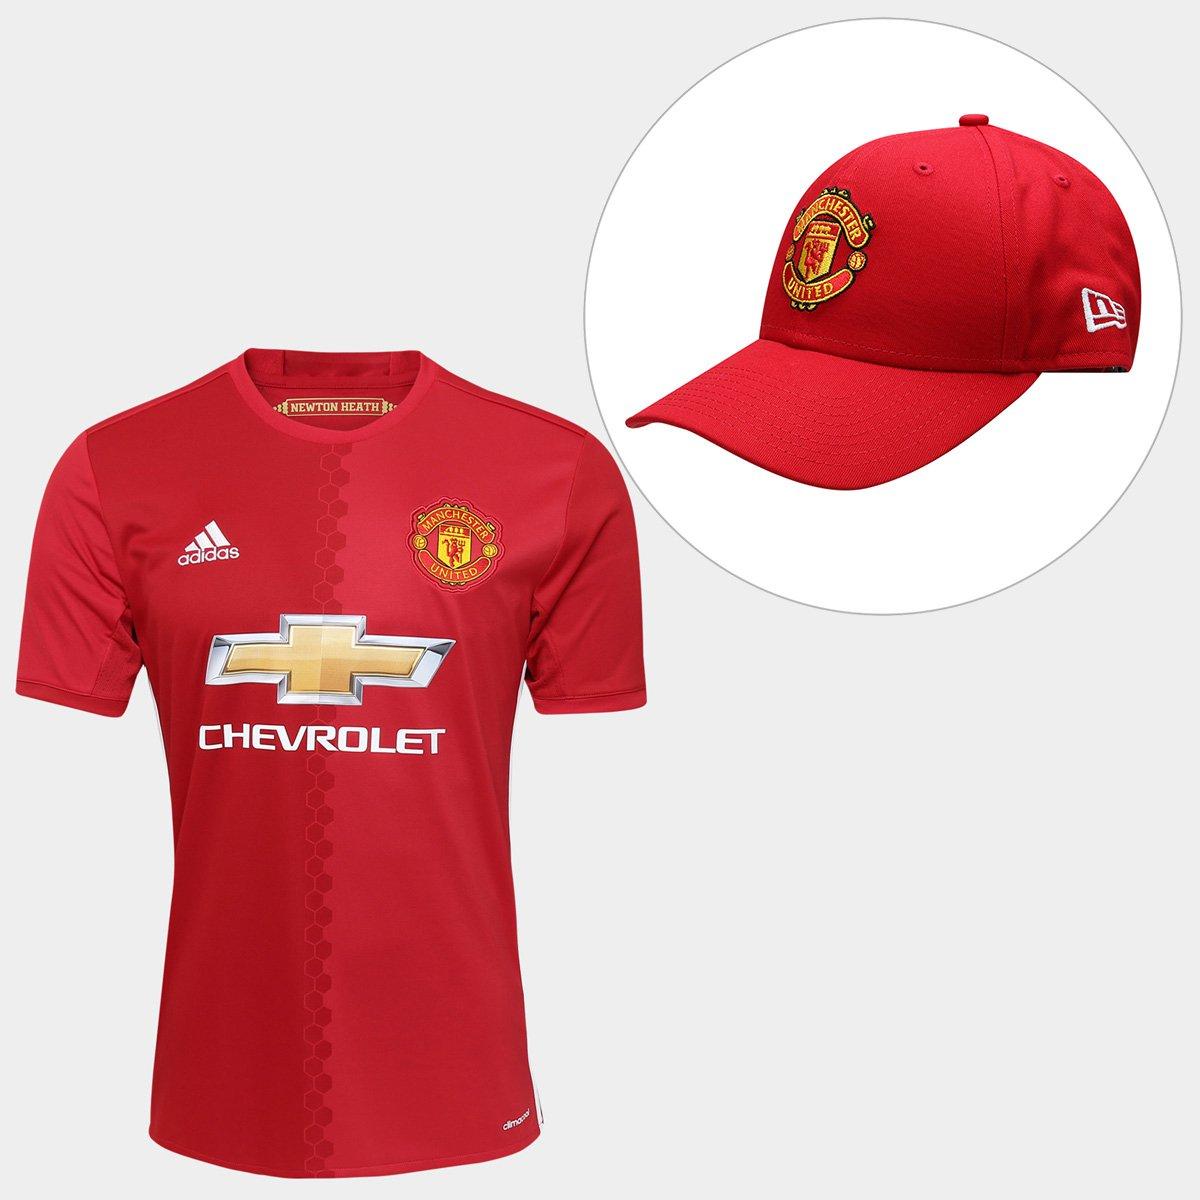 14e9e3923b5a6 Kit Camisa Adidas Manchester United Home 16 17 s nº + Boné New Era Manchester  United 940 ST - Compre Agora